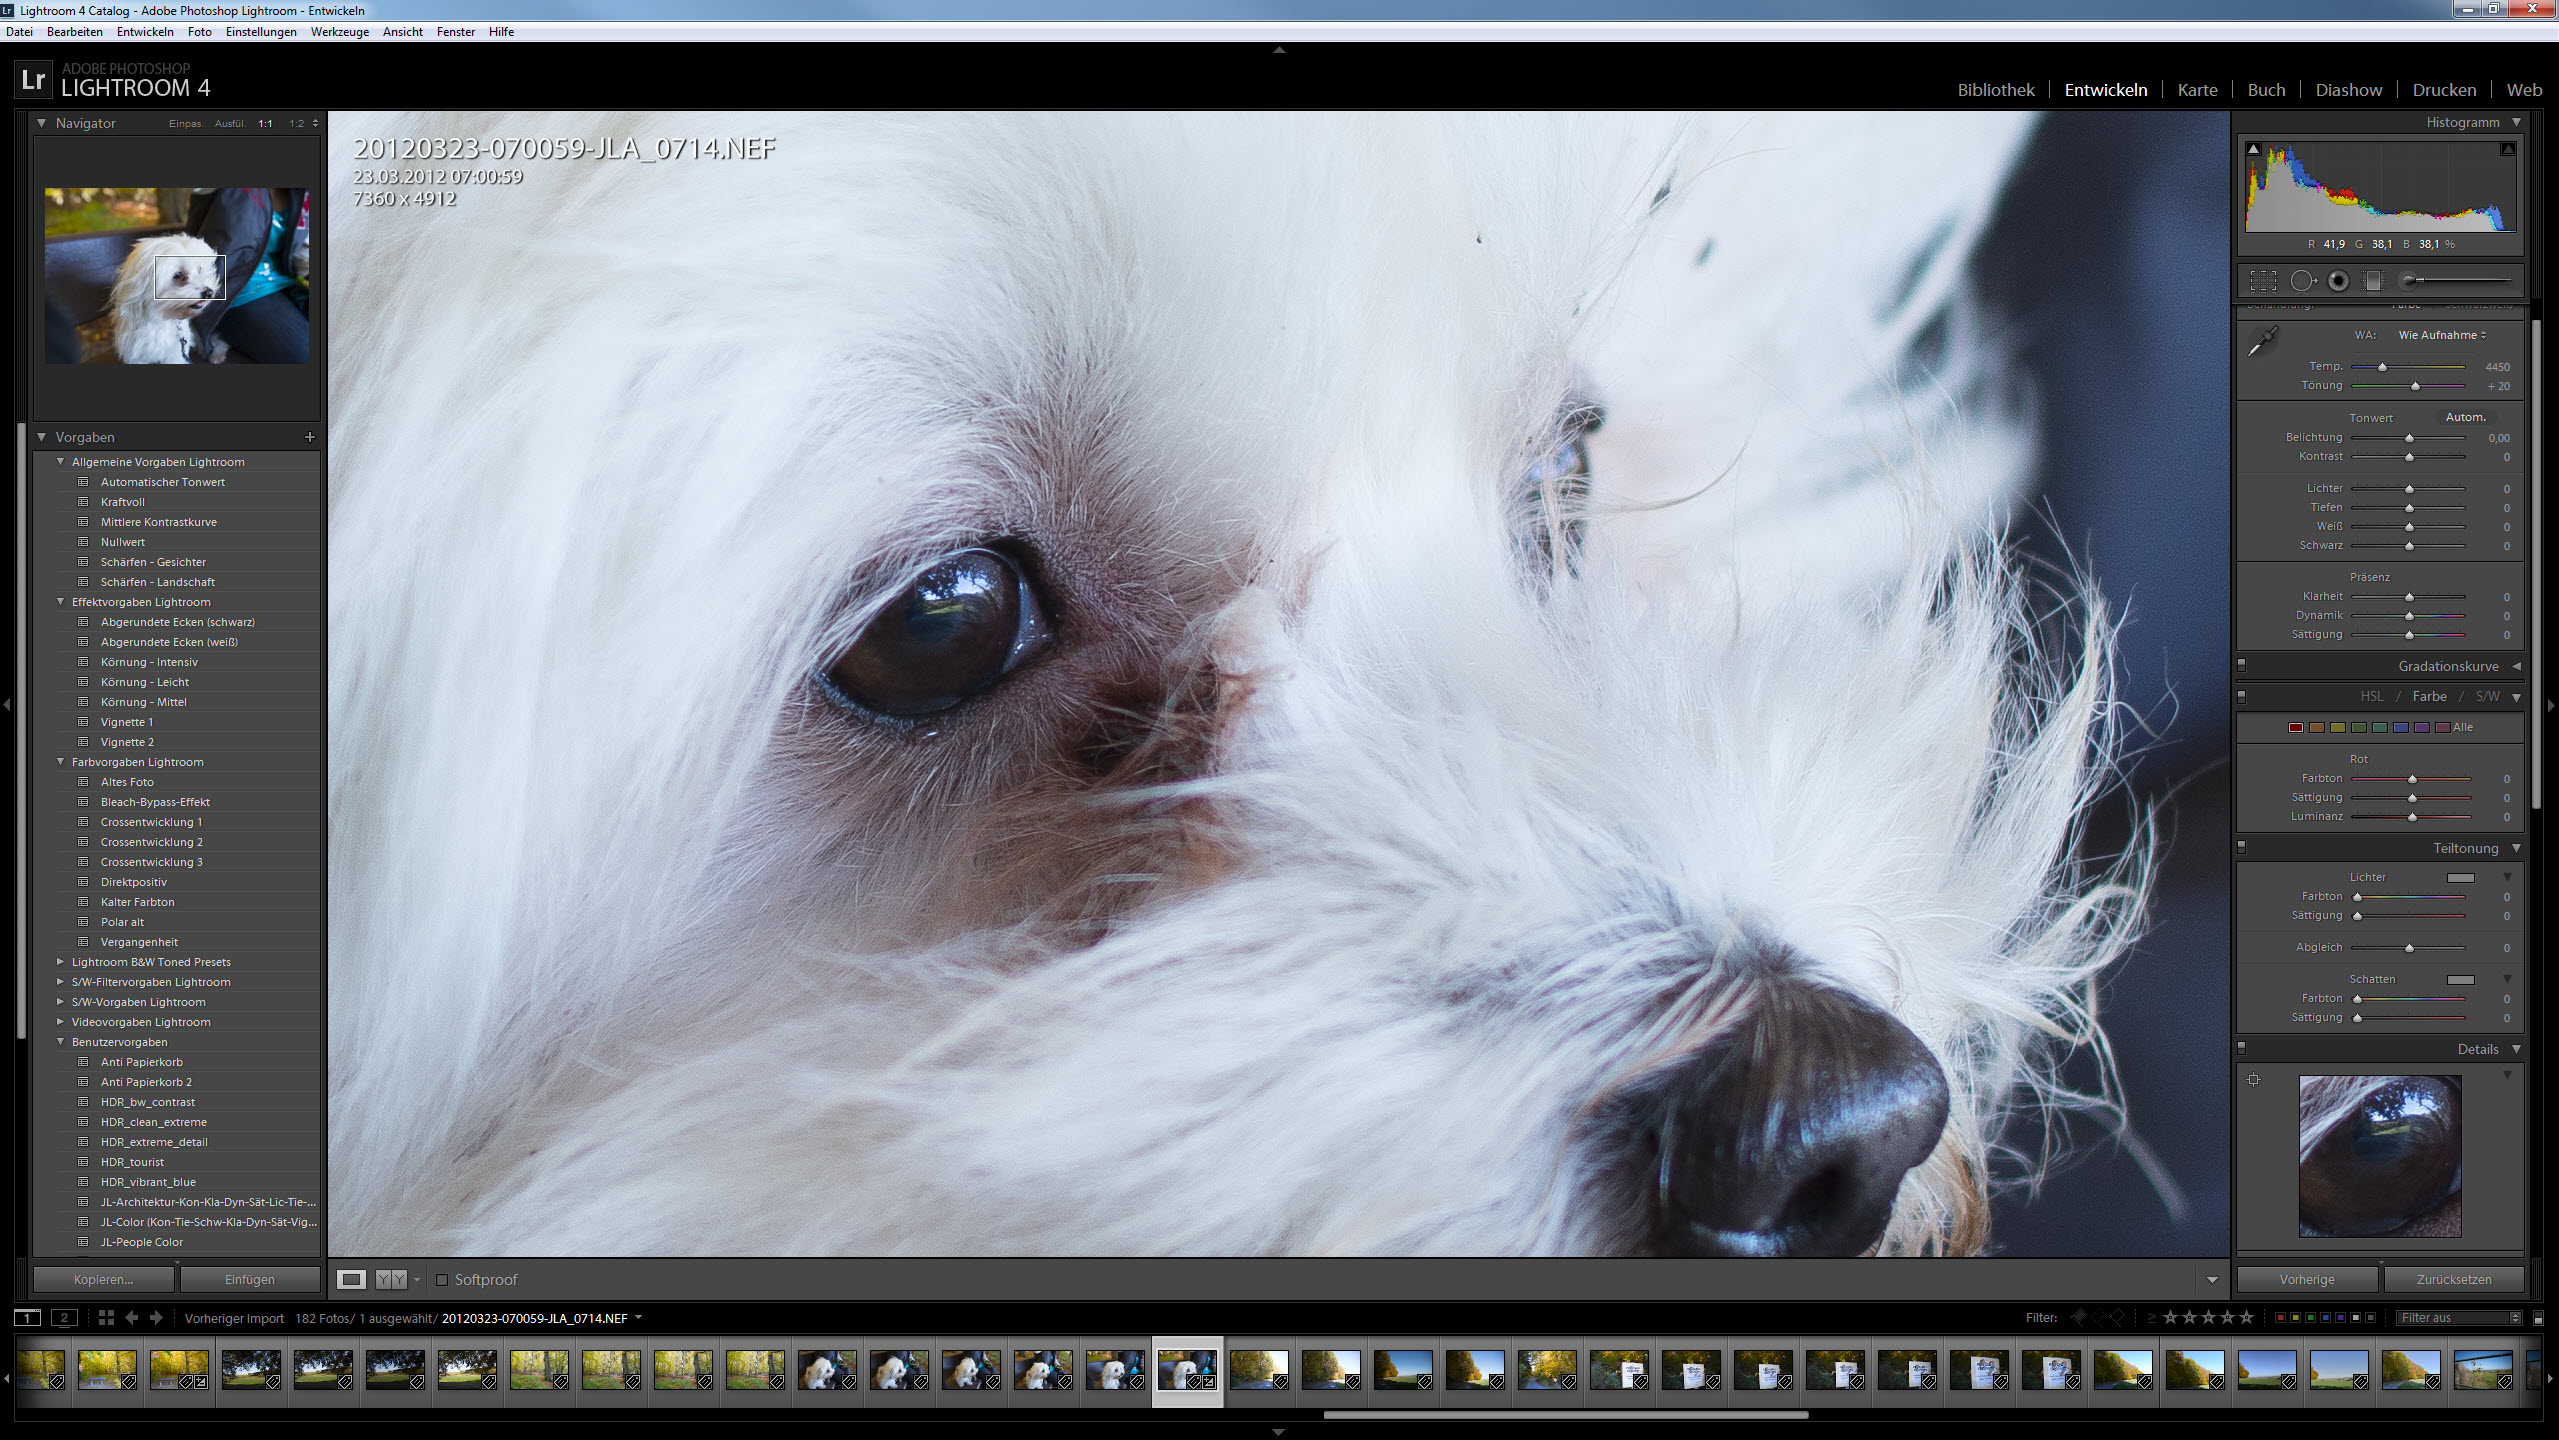 Nikon AFS 28 1.8G an Nikon D800 - 100% Crop